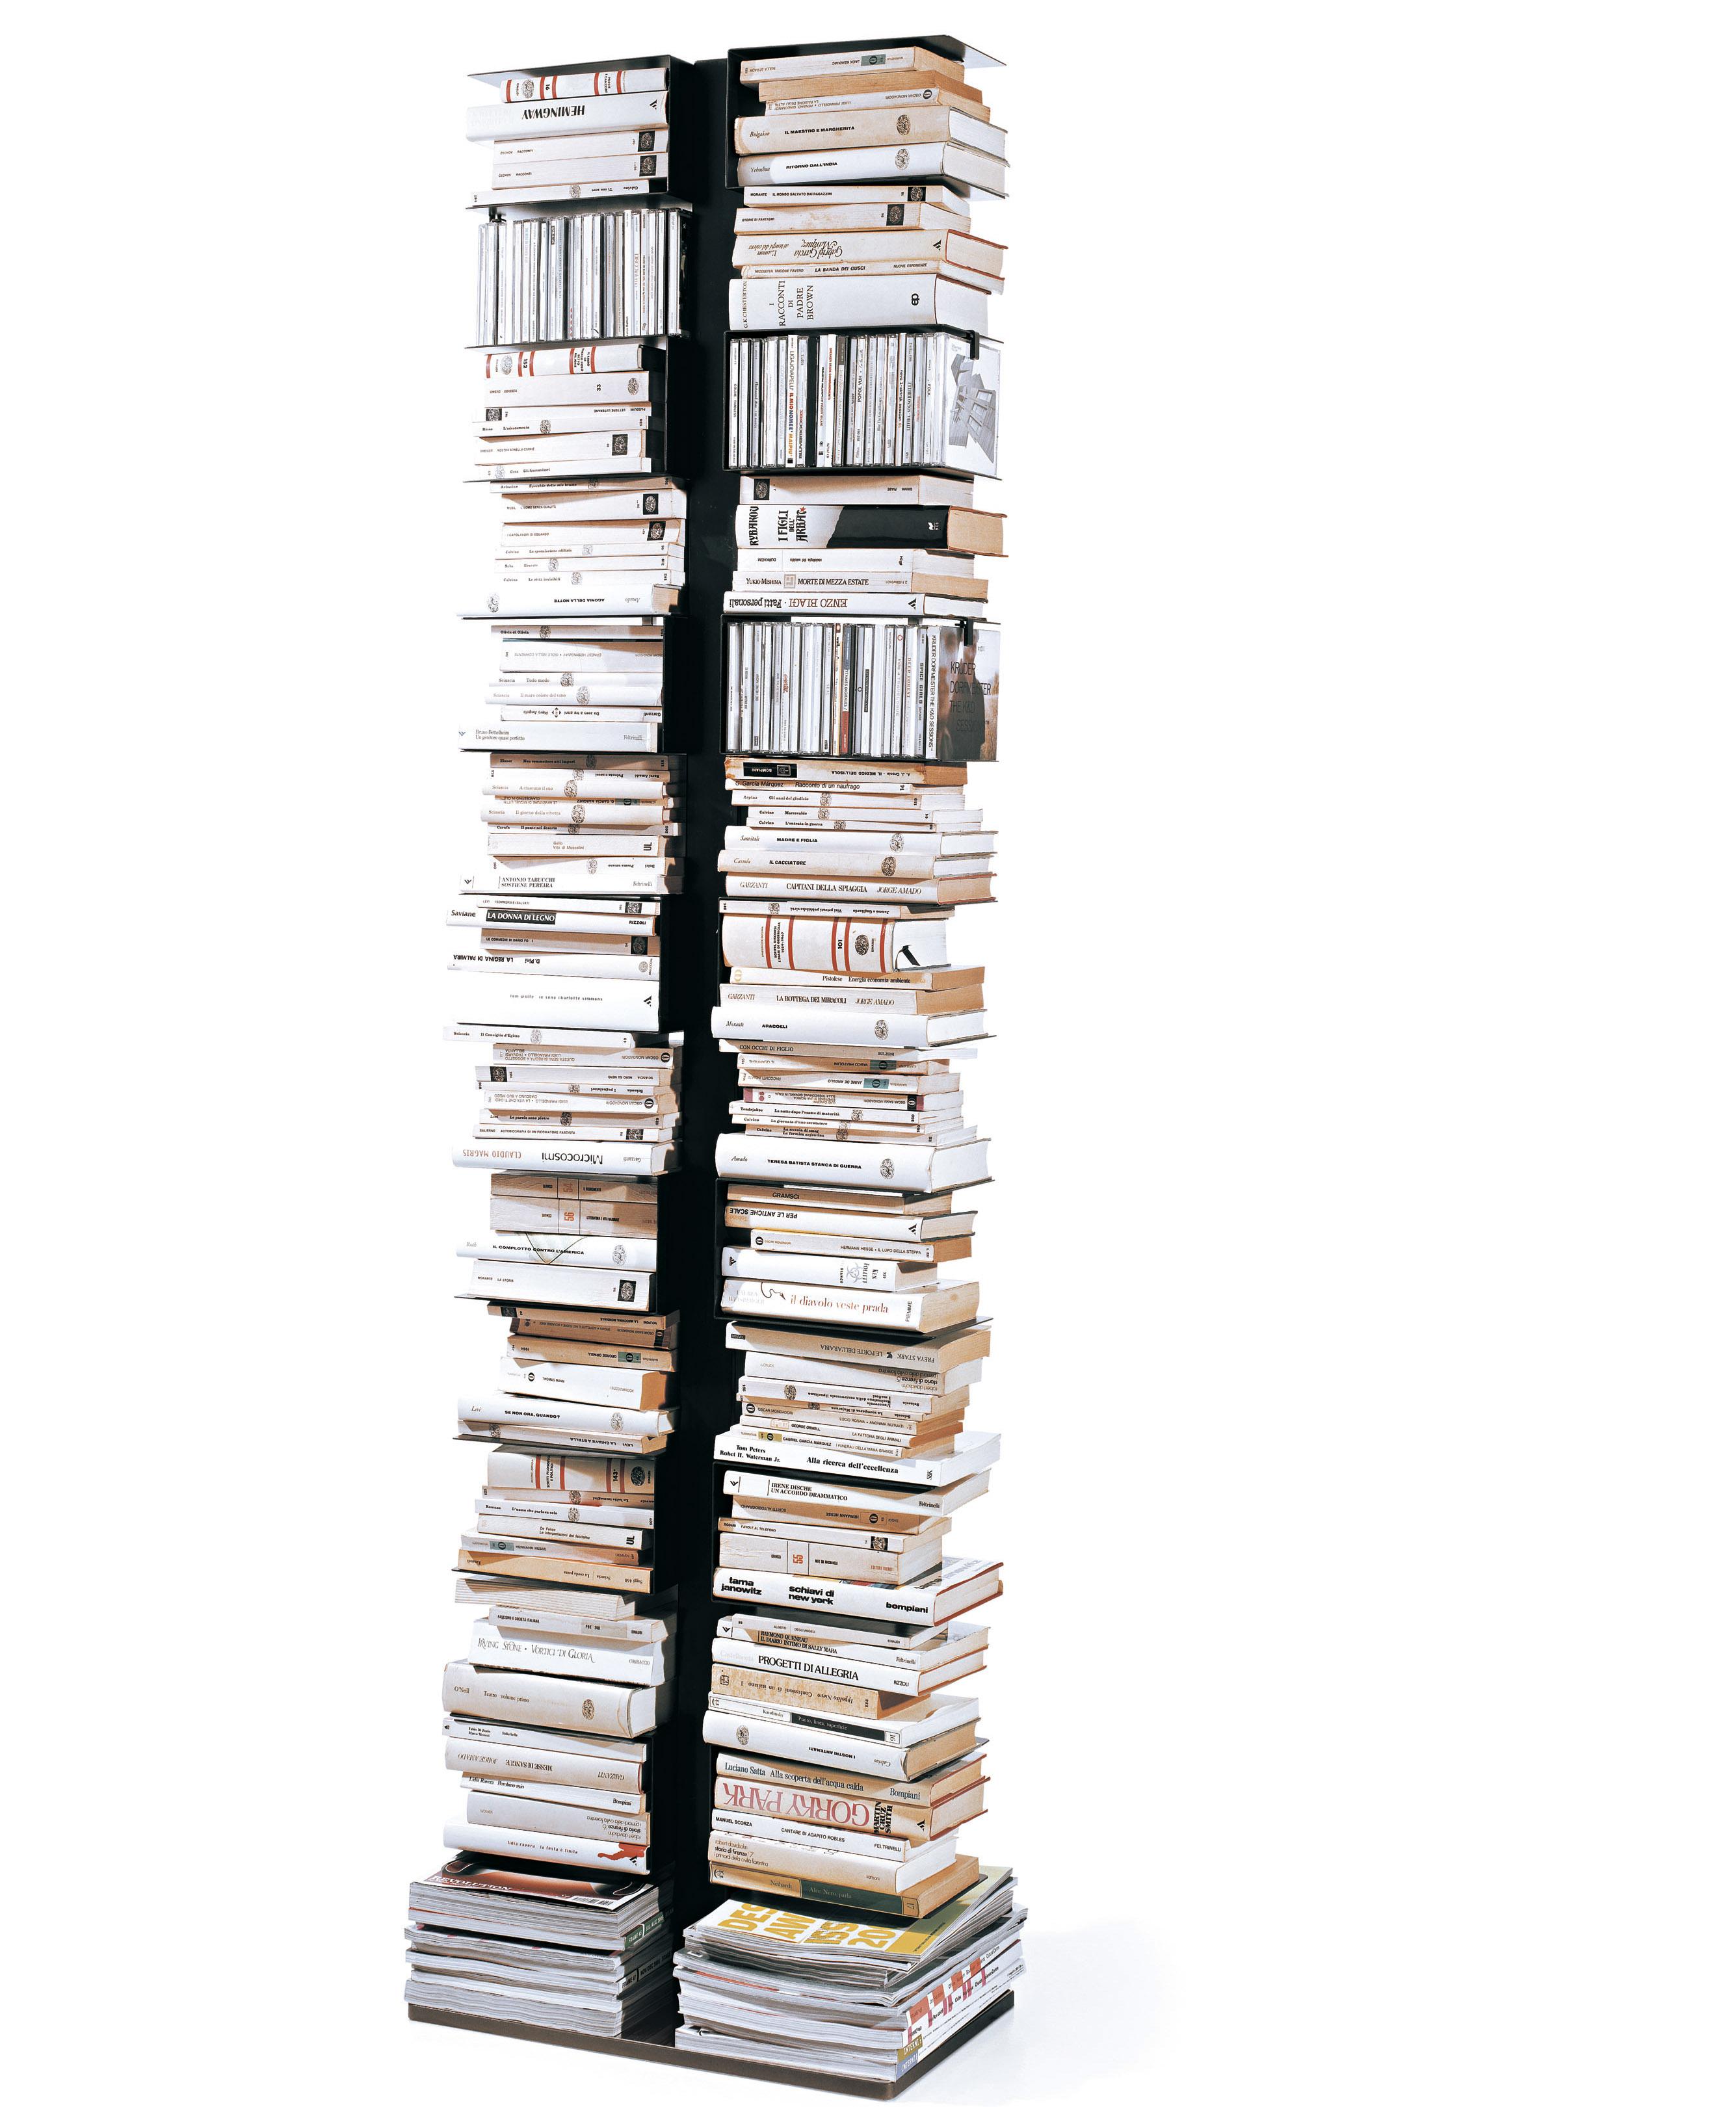 Libreria ptolomeo x2 opinionciatti bruno rainaldi owo for Libreria ptolomeo